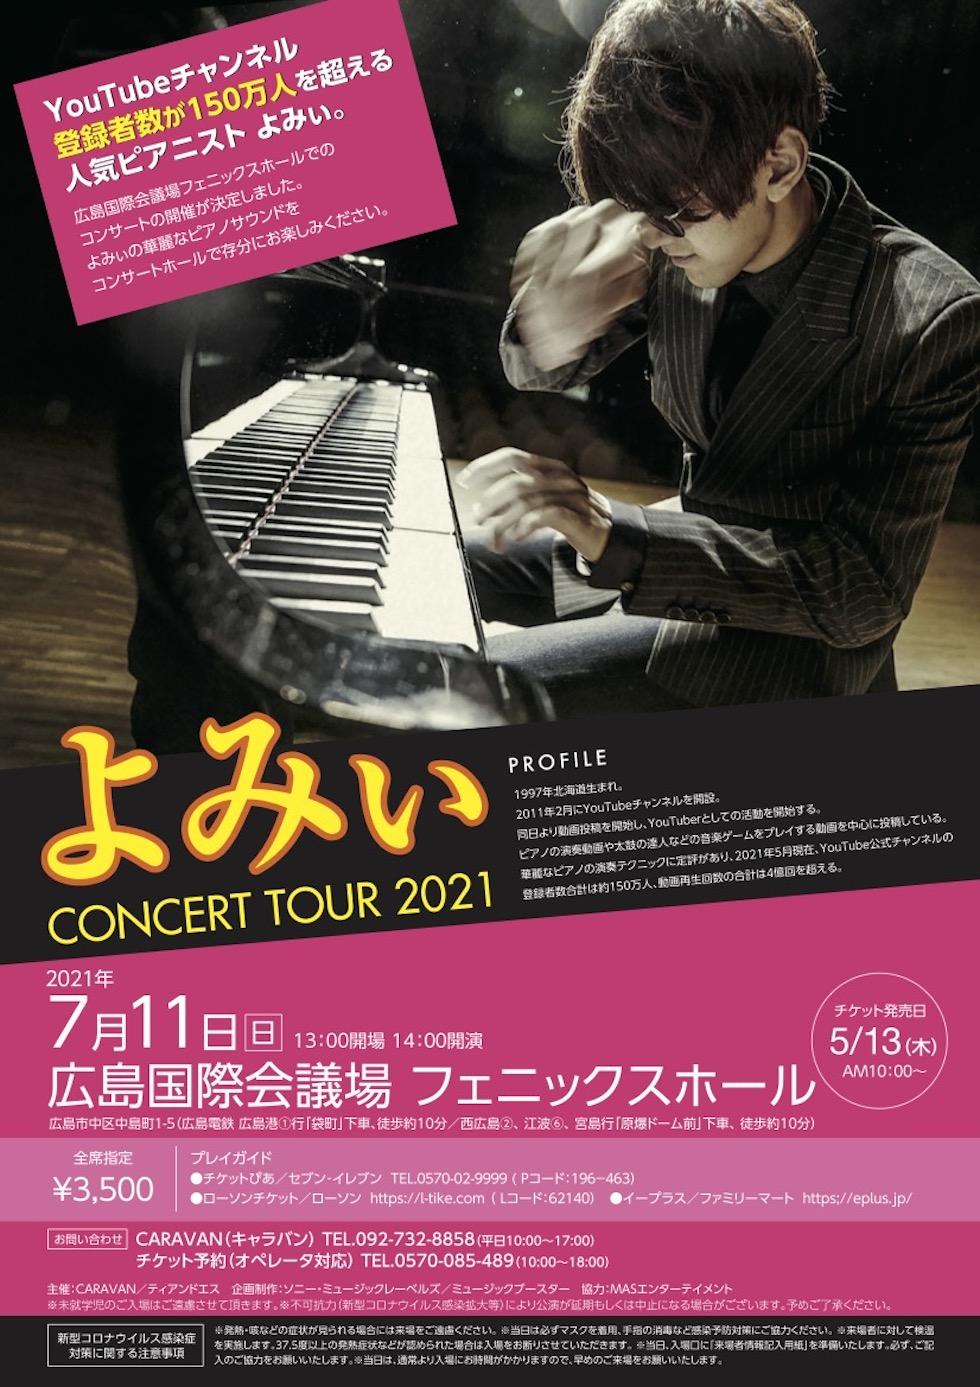 よみぃ CONCERT TPUR 2021